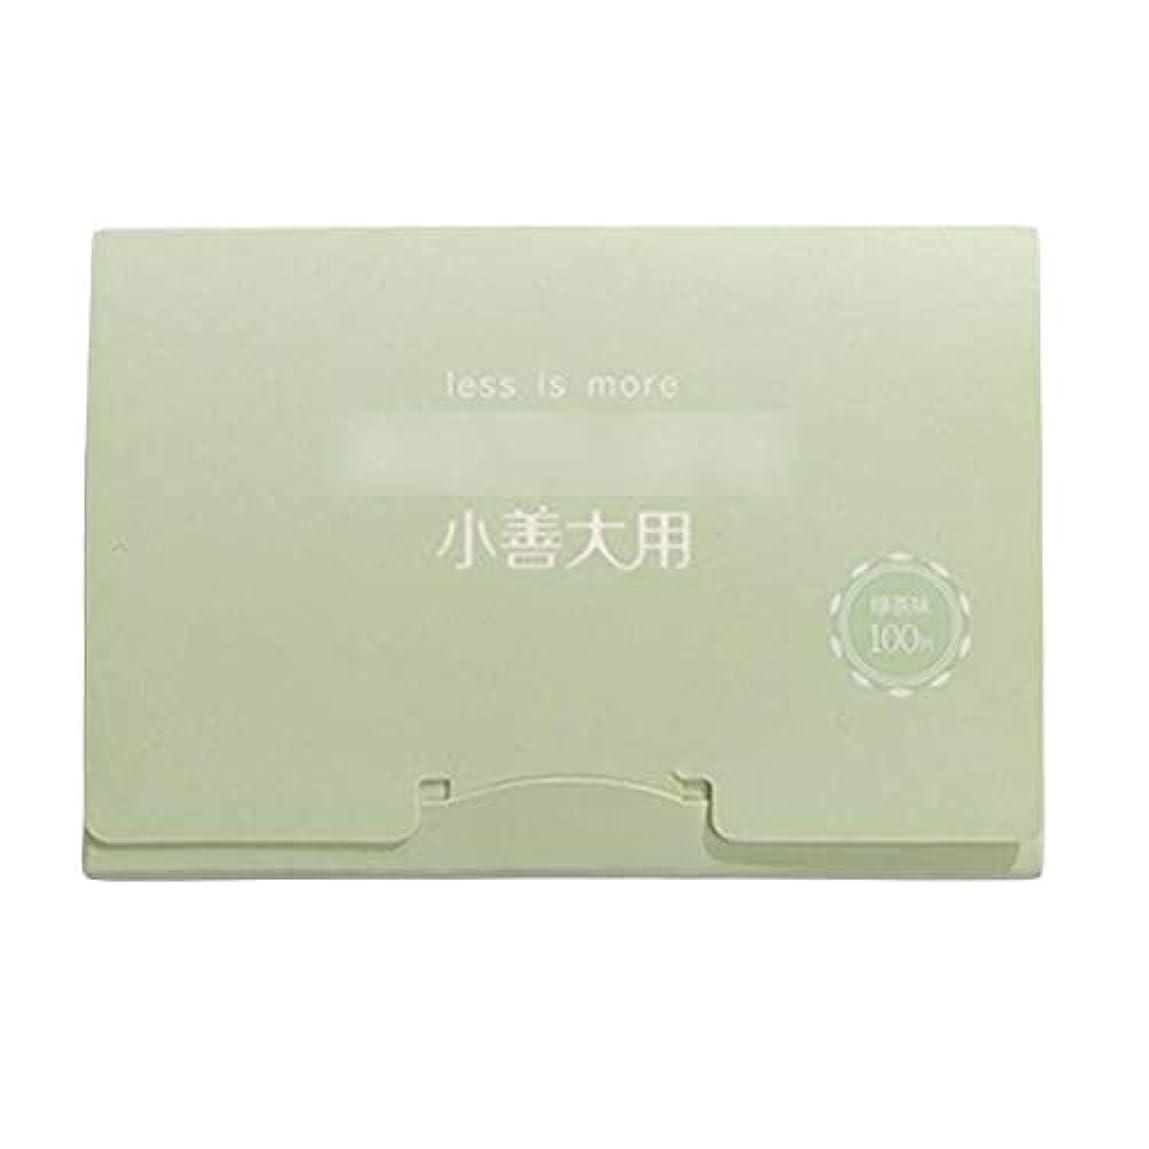 ベイビー変換蒸発緑茶夏顔用携帯用あぶらとりティッシュペーパー、300枚